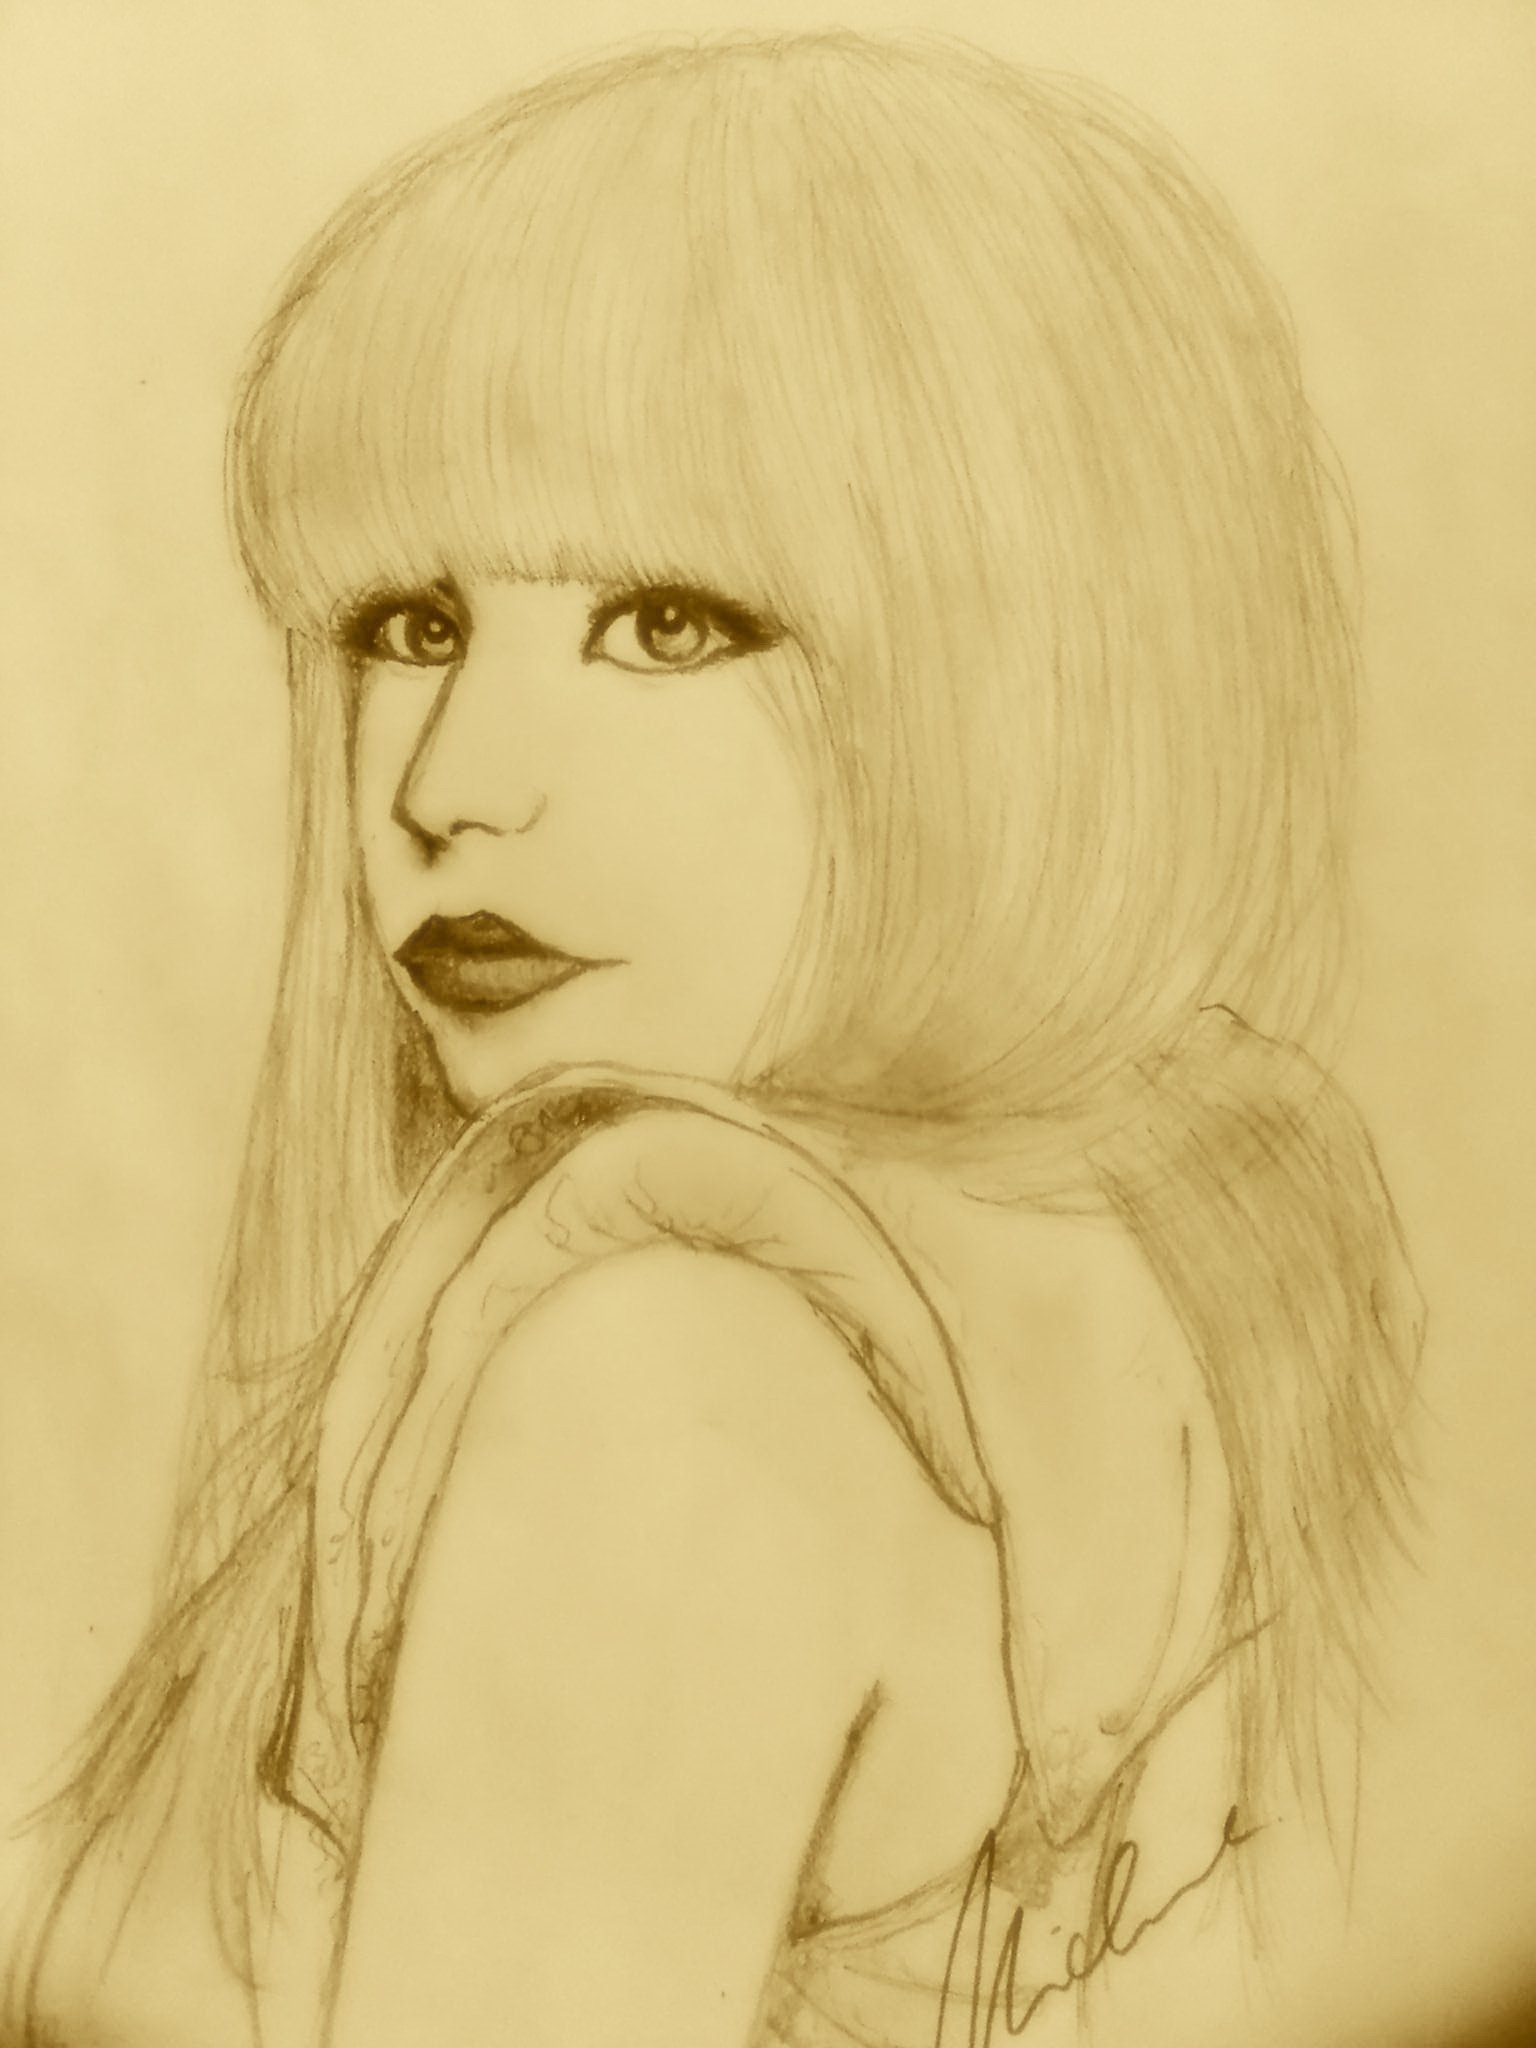 Lady Gaga Sketch =)